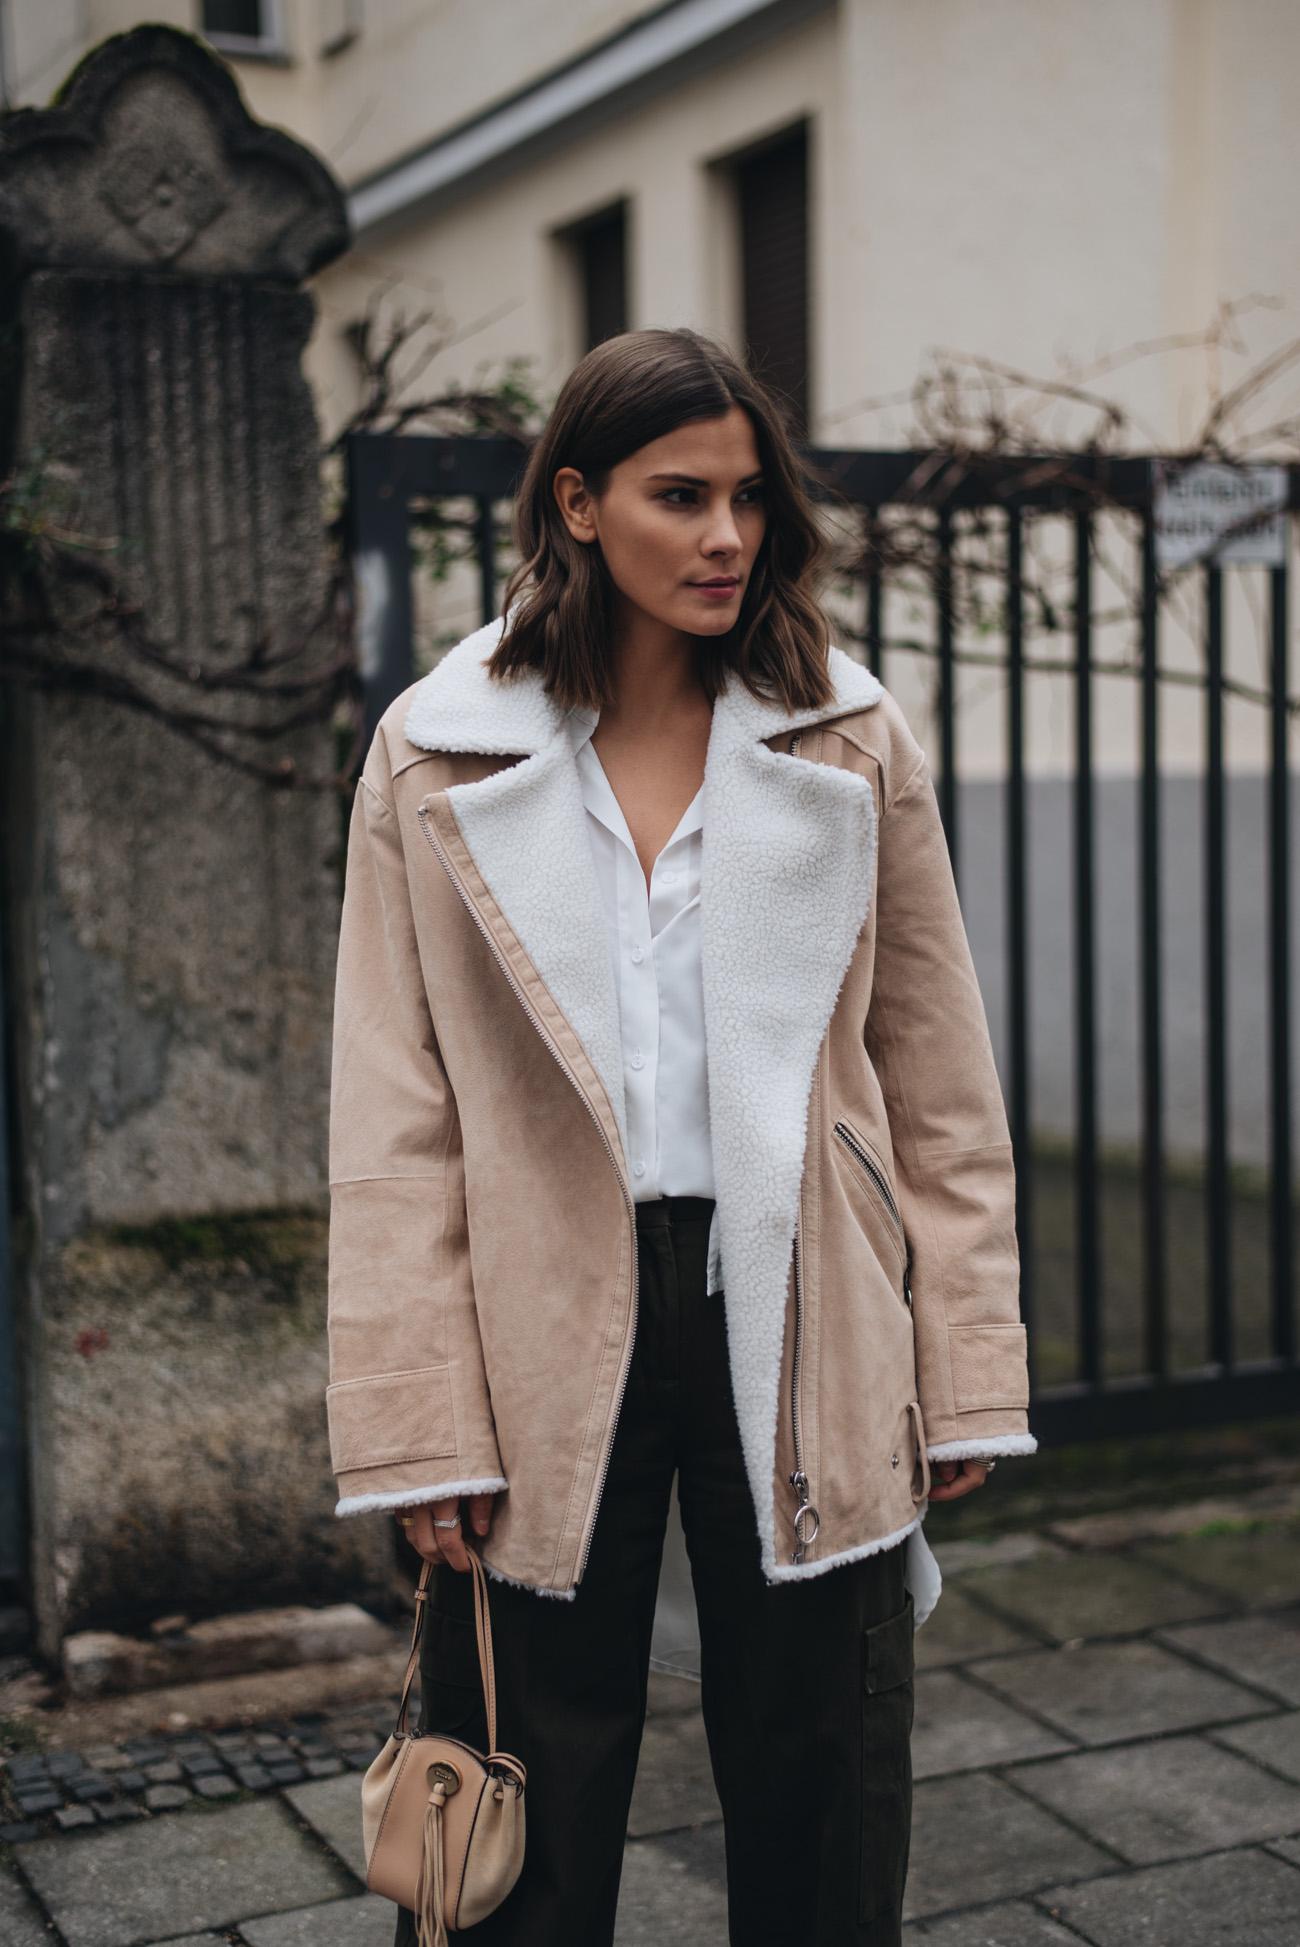 frisuren-trends-2018-kurze-haare-clavi-cut-braune-haare-frisur-fashion-bloggerin-deutschland-münchen-nina-schwichtenberg-fashiioncarpet